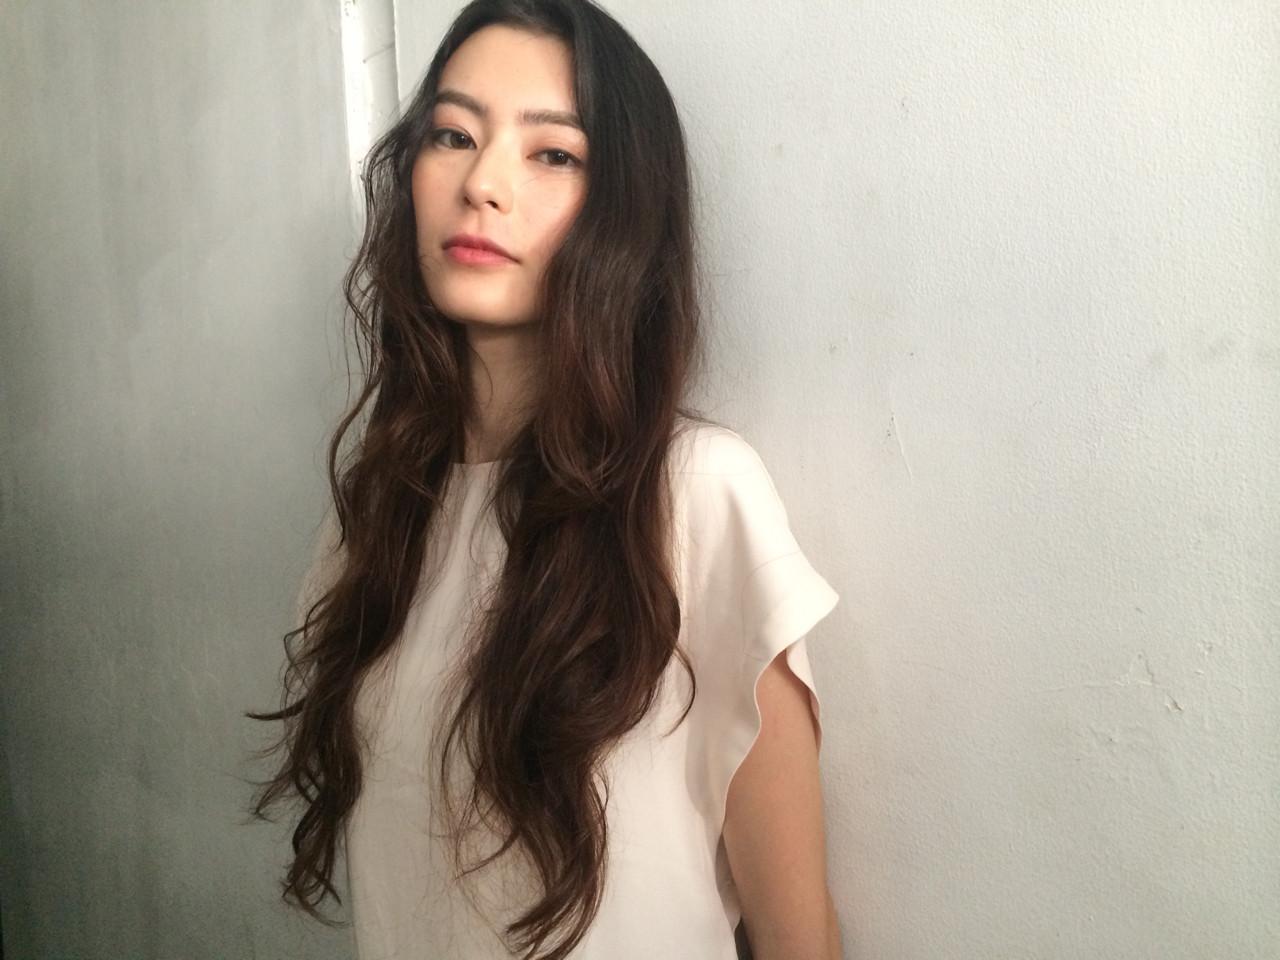 ロング モード 外国人風 暗髪 ヘアスタイルや髪型の写真・画像 | 中牧亜弥 / hairsalon nano